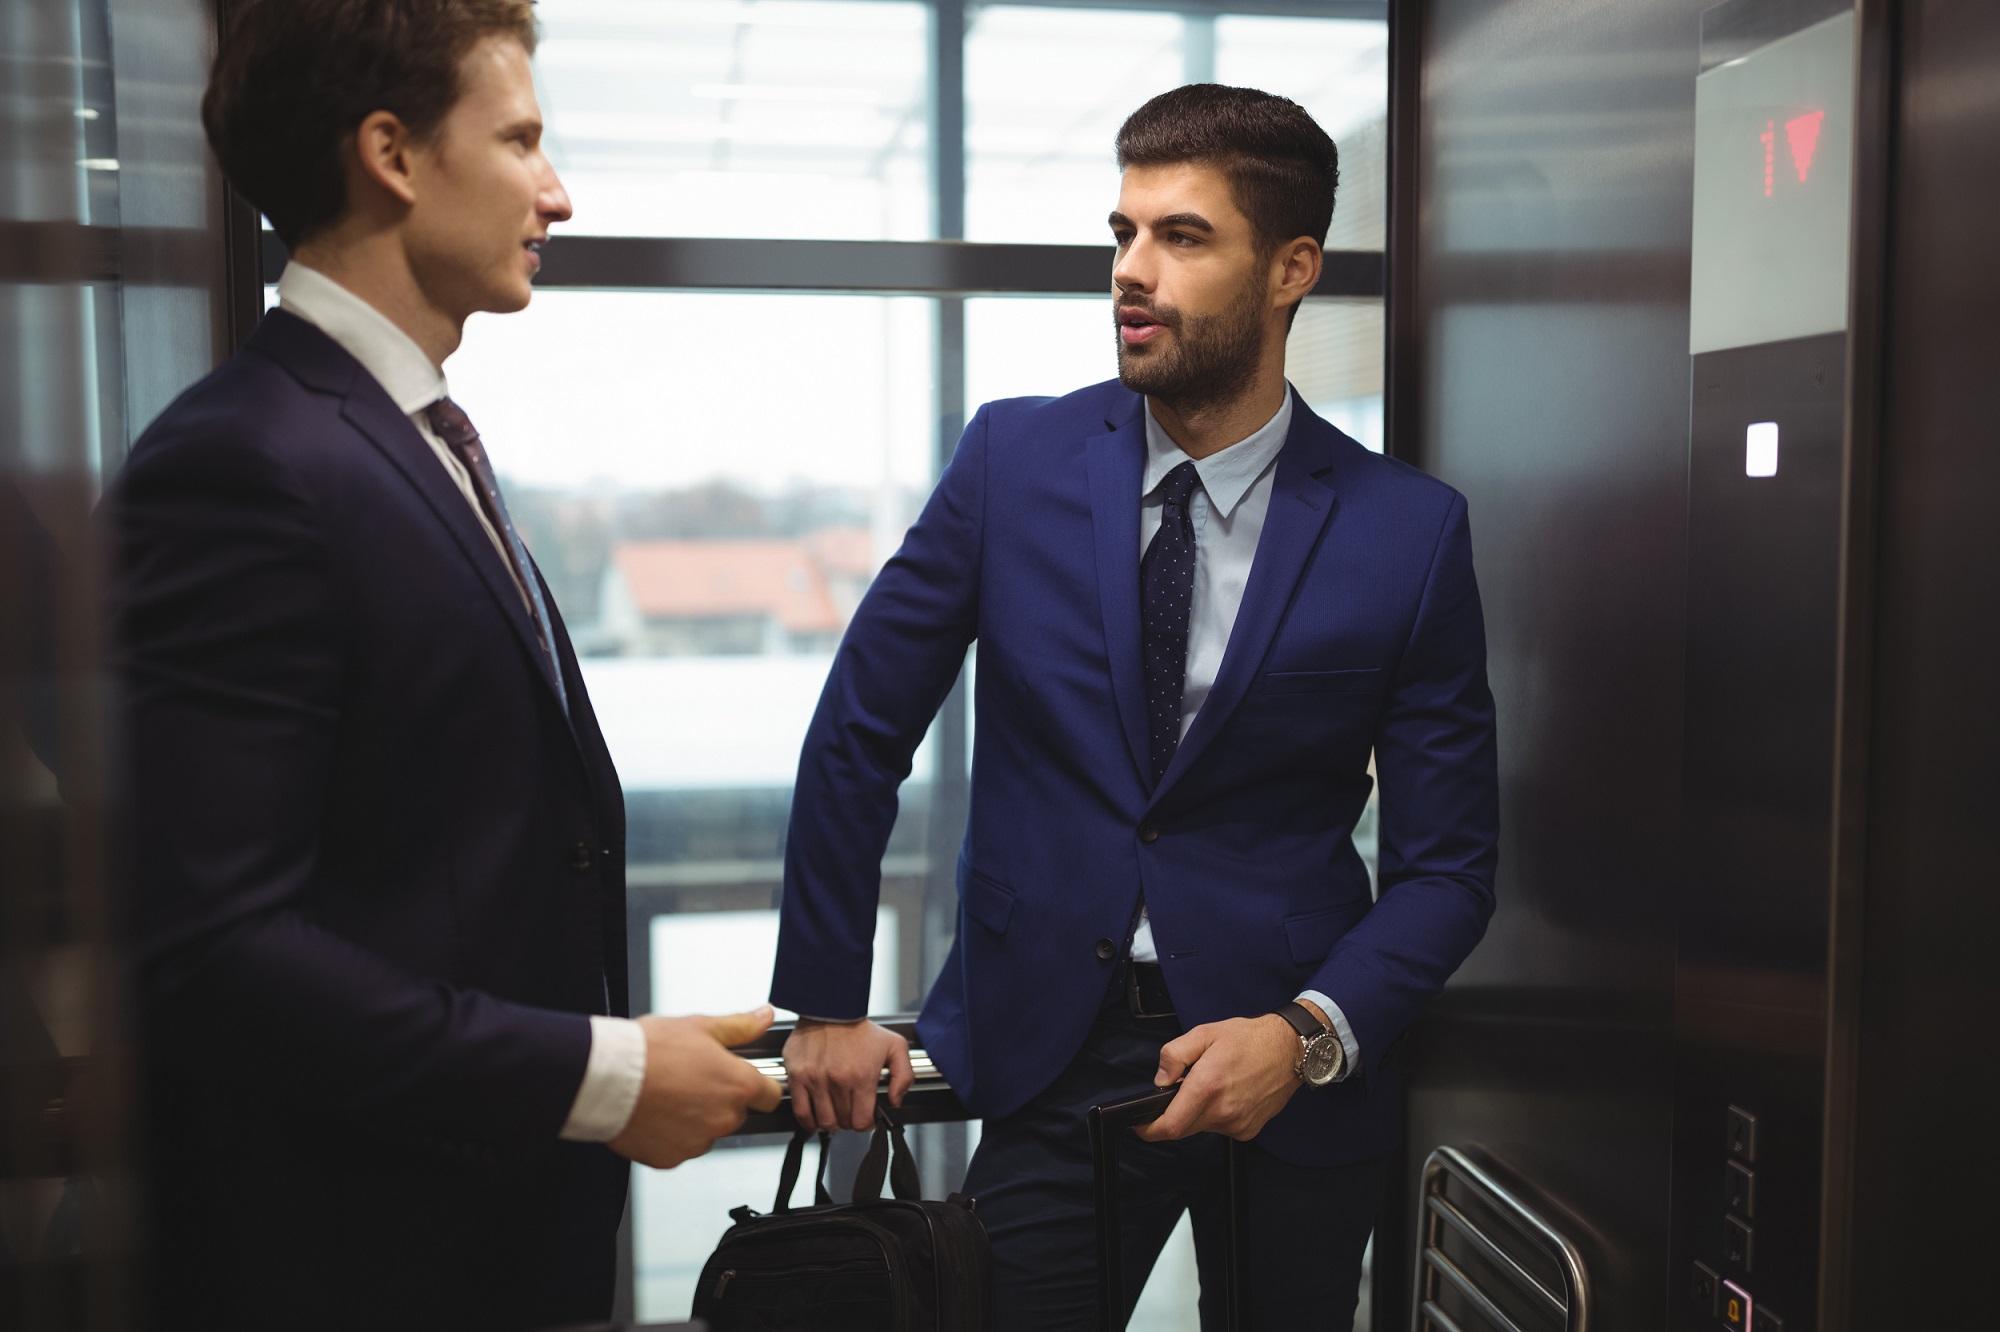 THE CEO ADVISOR | EPISODIO 15 – Elevator pitch, ovvero come vendere usando meno di 100 parole